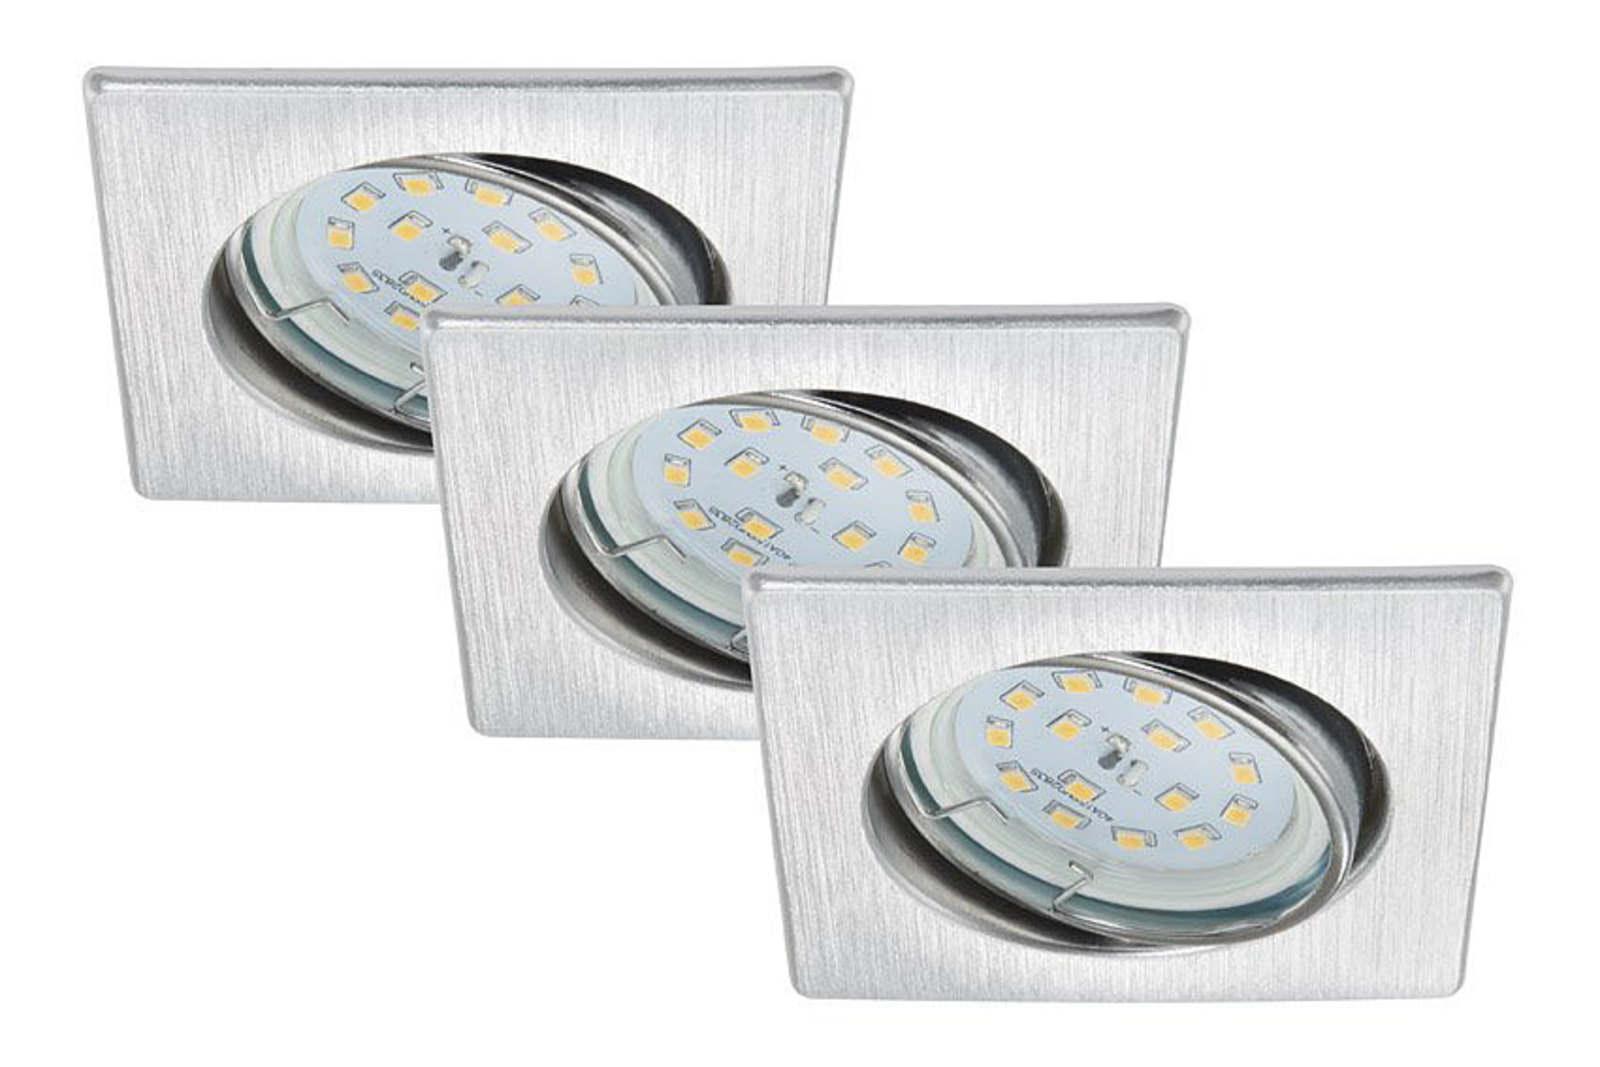 Briloner Leuchten Led Einbauleuchte 3er Set Online Entdecken